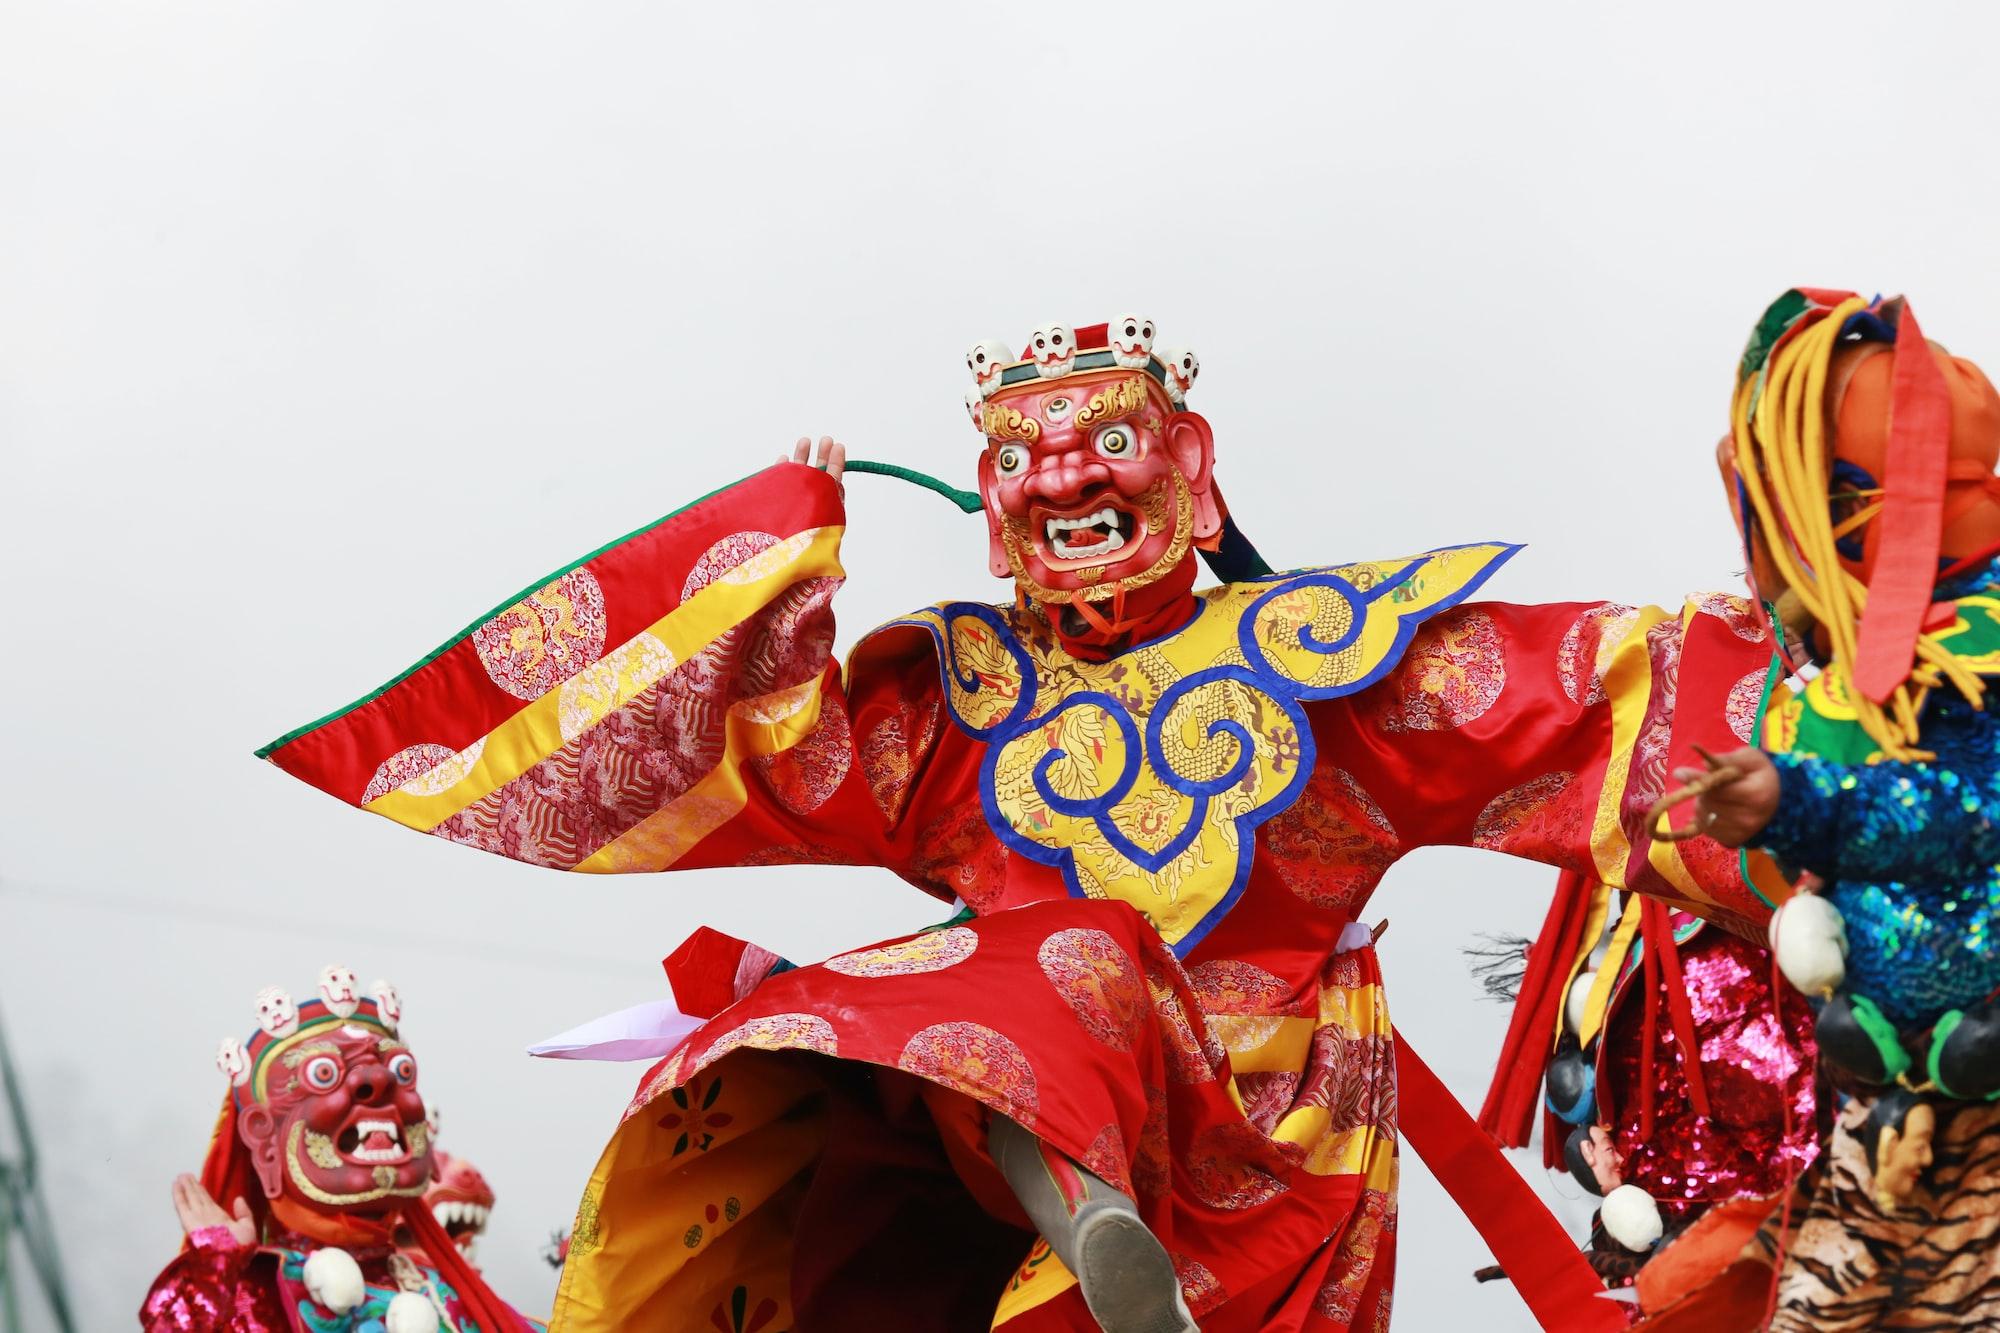 Masked dance of Dochula Tsechu in Thimphu, Bhutan